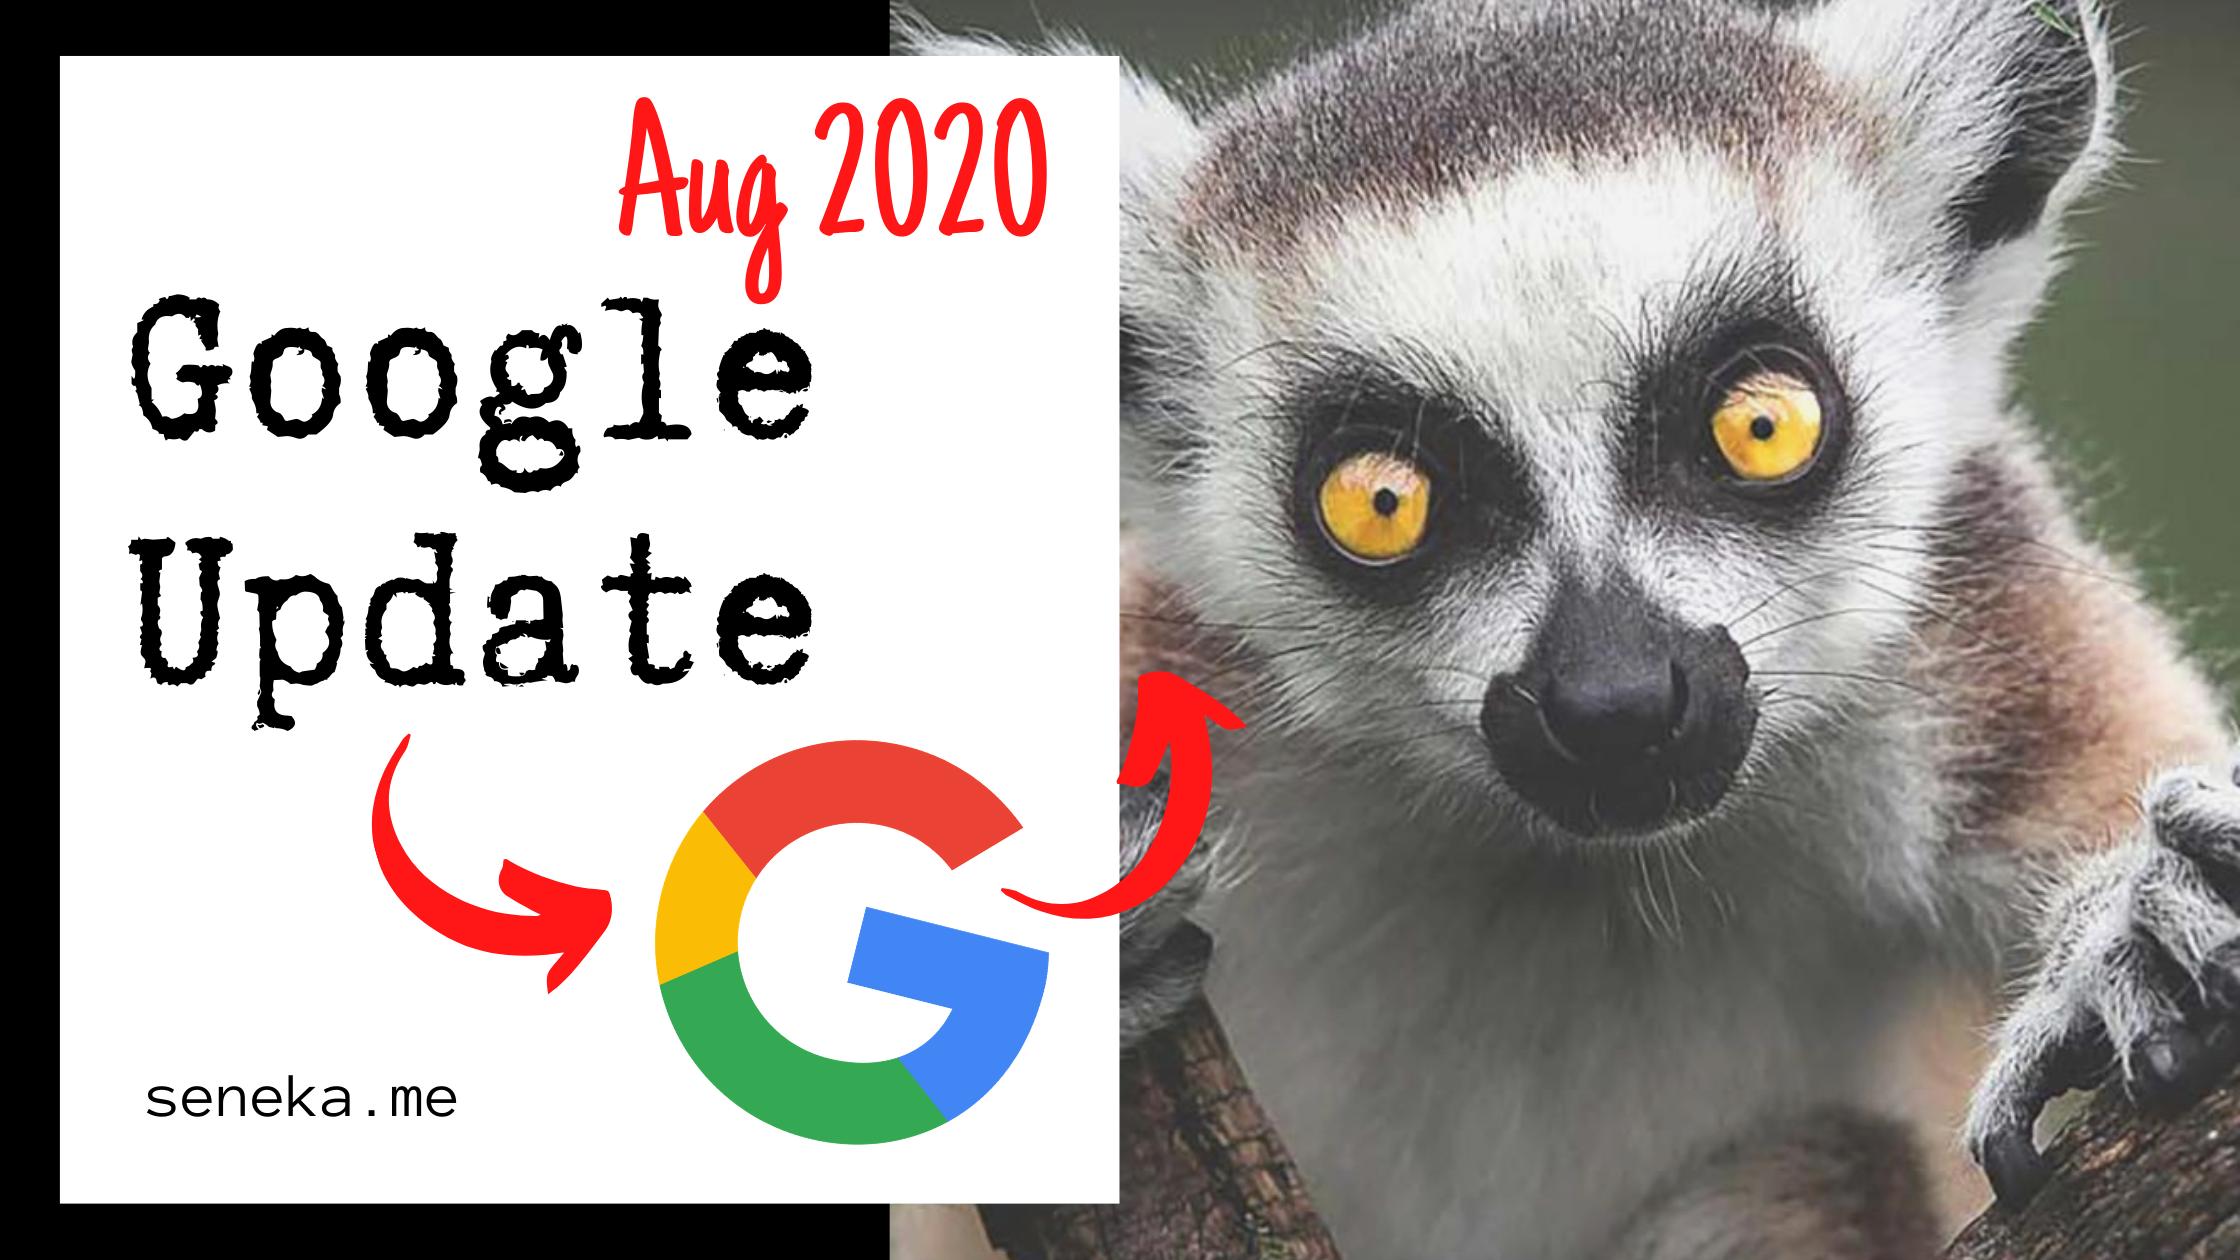 Actualización del algoritmo de Google, Agosto de 2020. Gran Google Update.